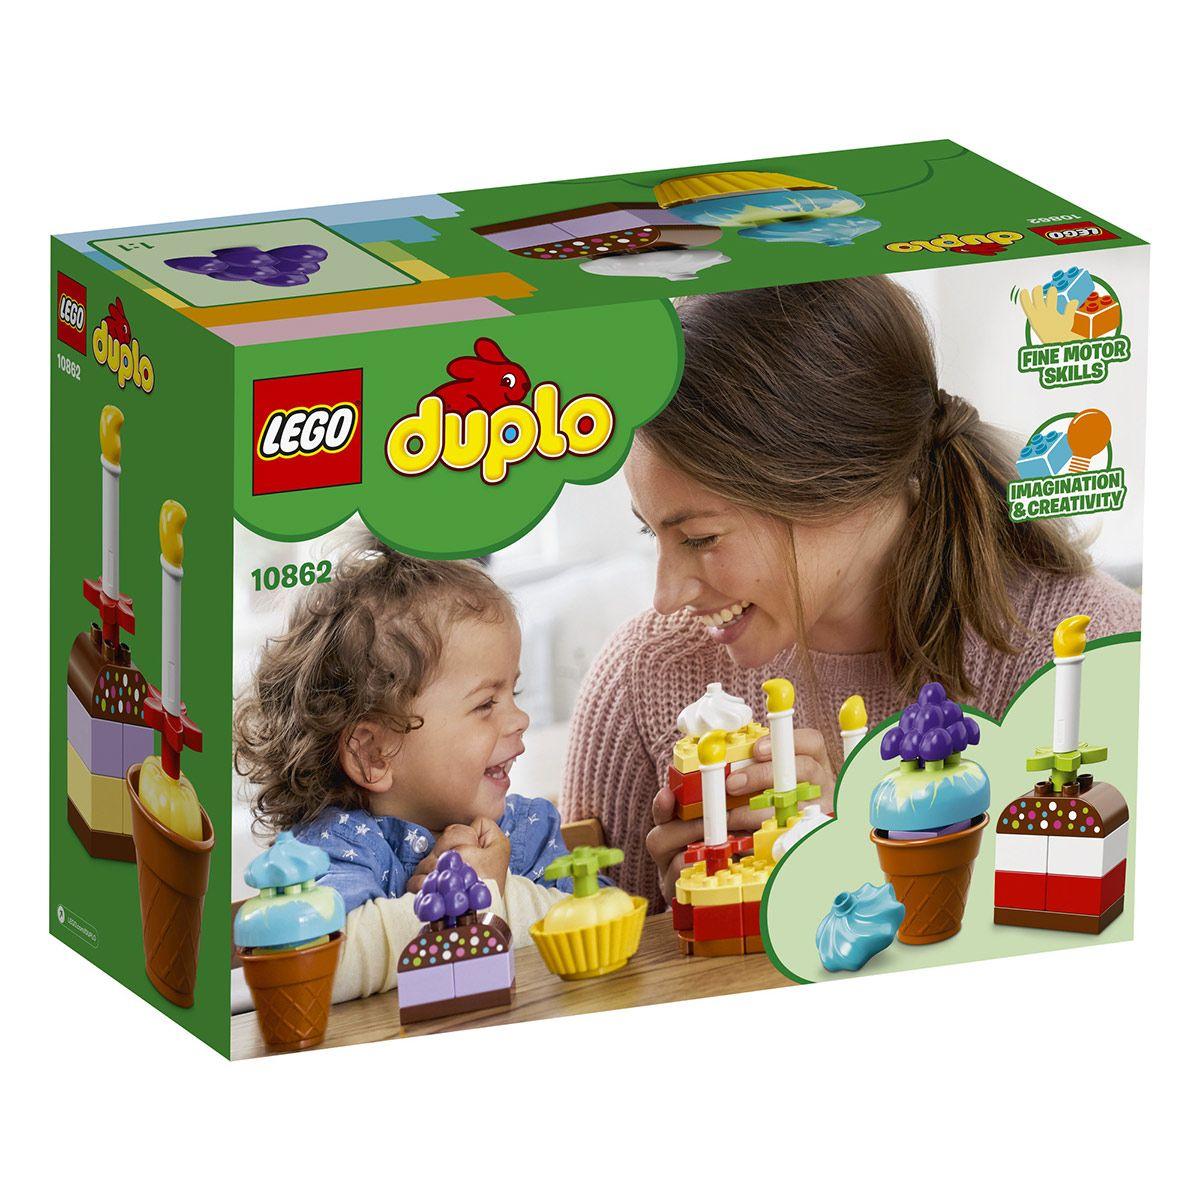 Premiere Fete D Anniversaire Lego Duplo 10862 Jeux De Construction La Grande Recre